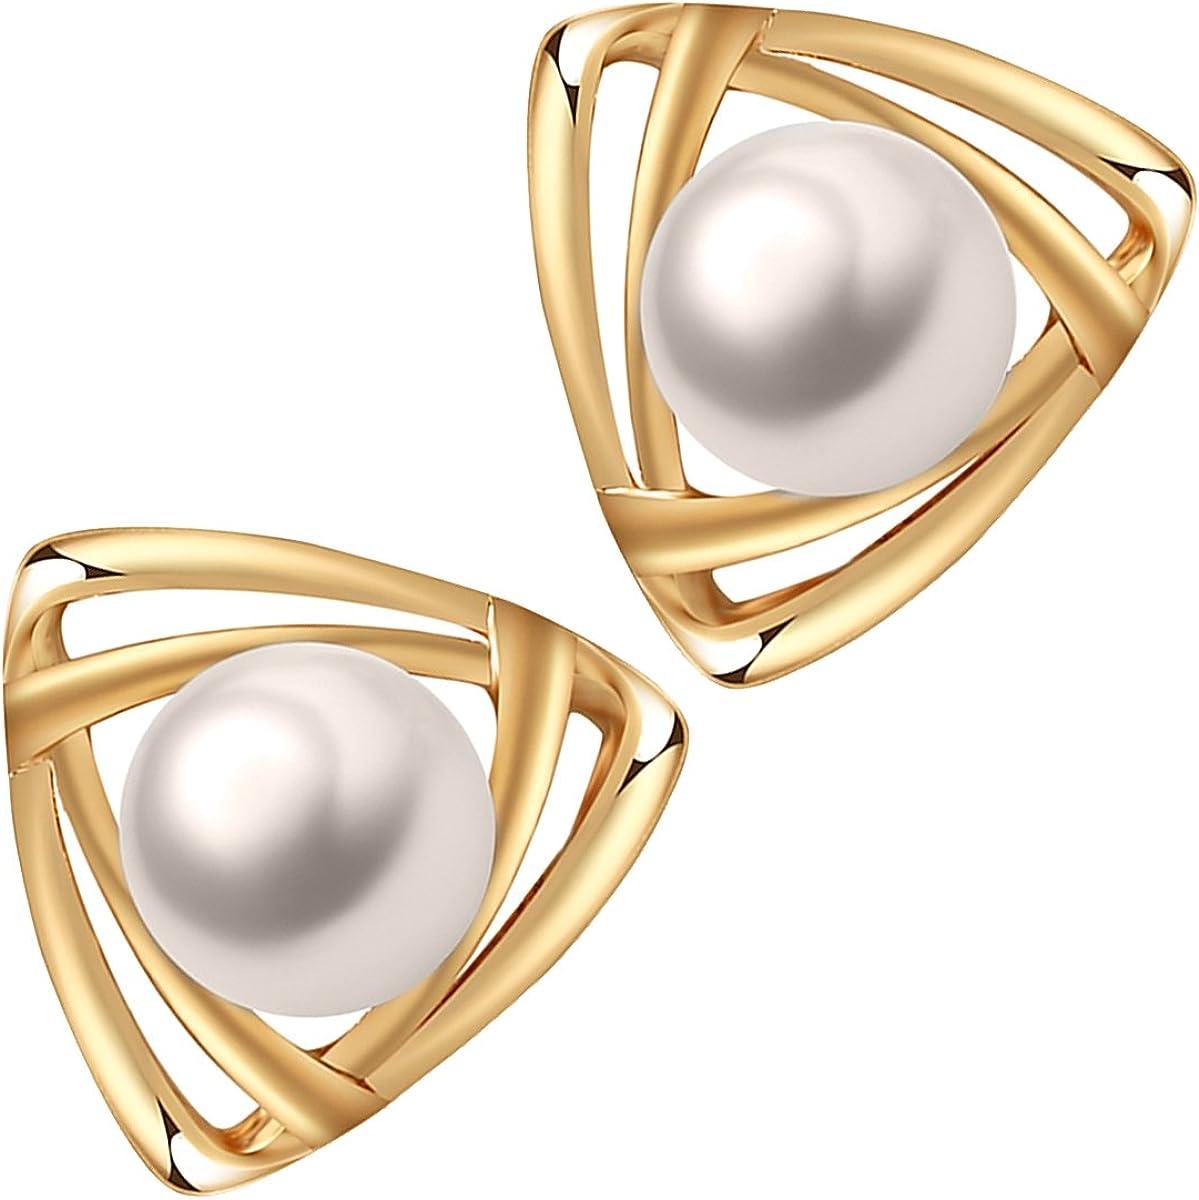 GWG Jewellery Pendientes Mujer Regalo Pendientes de Botón, Chapados en Oro Rosa 18K con Perla Colorada en Triángulo Insólito para Mujeres